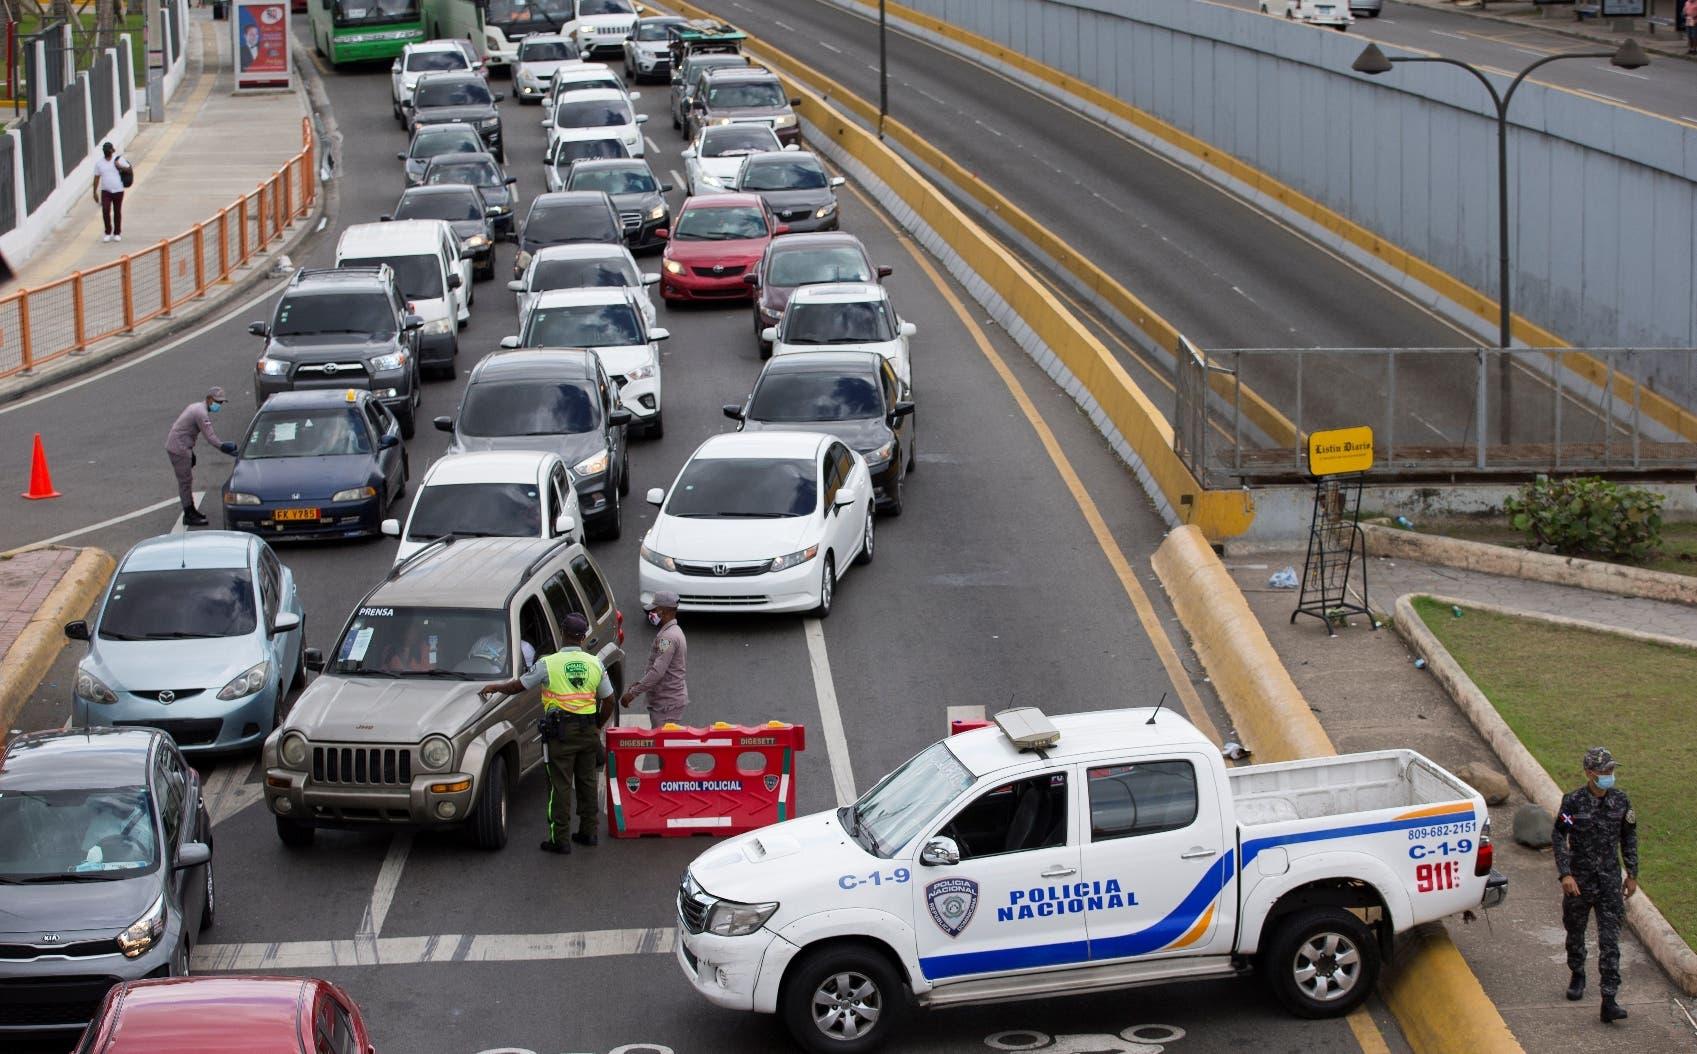 Gran Santo Domingo retrocede a más restricciones por expansión Covid